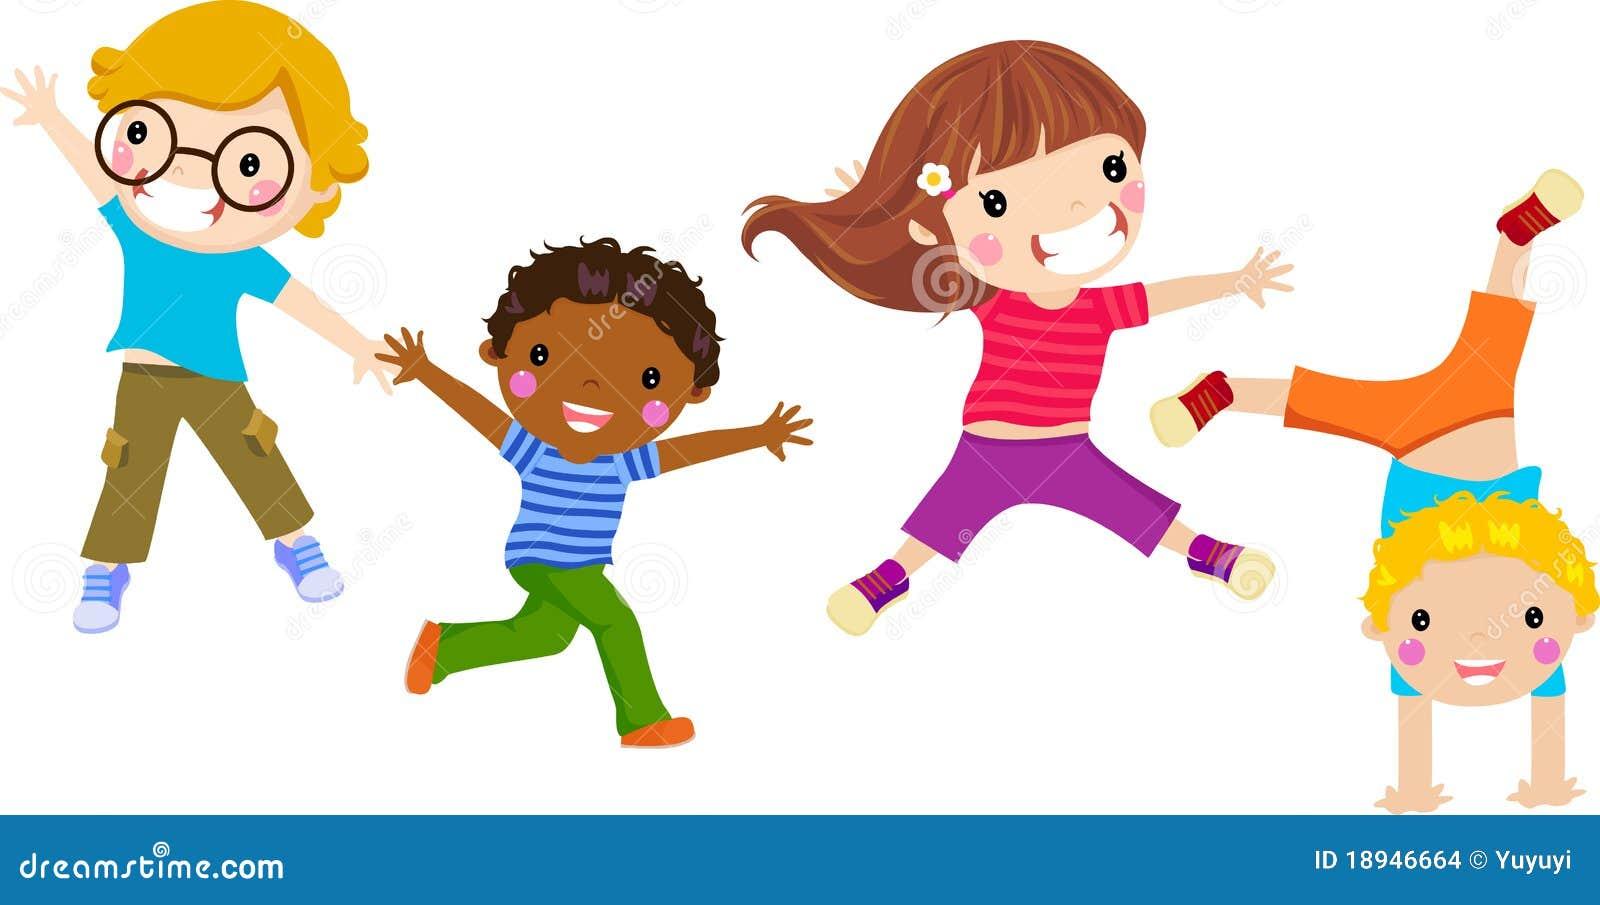 Children jumping clipart